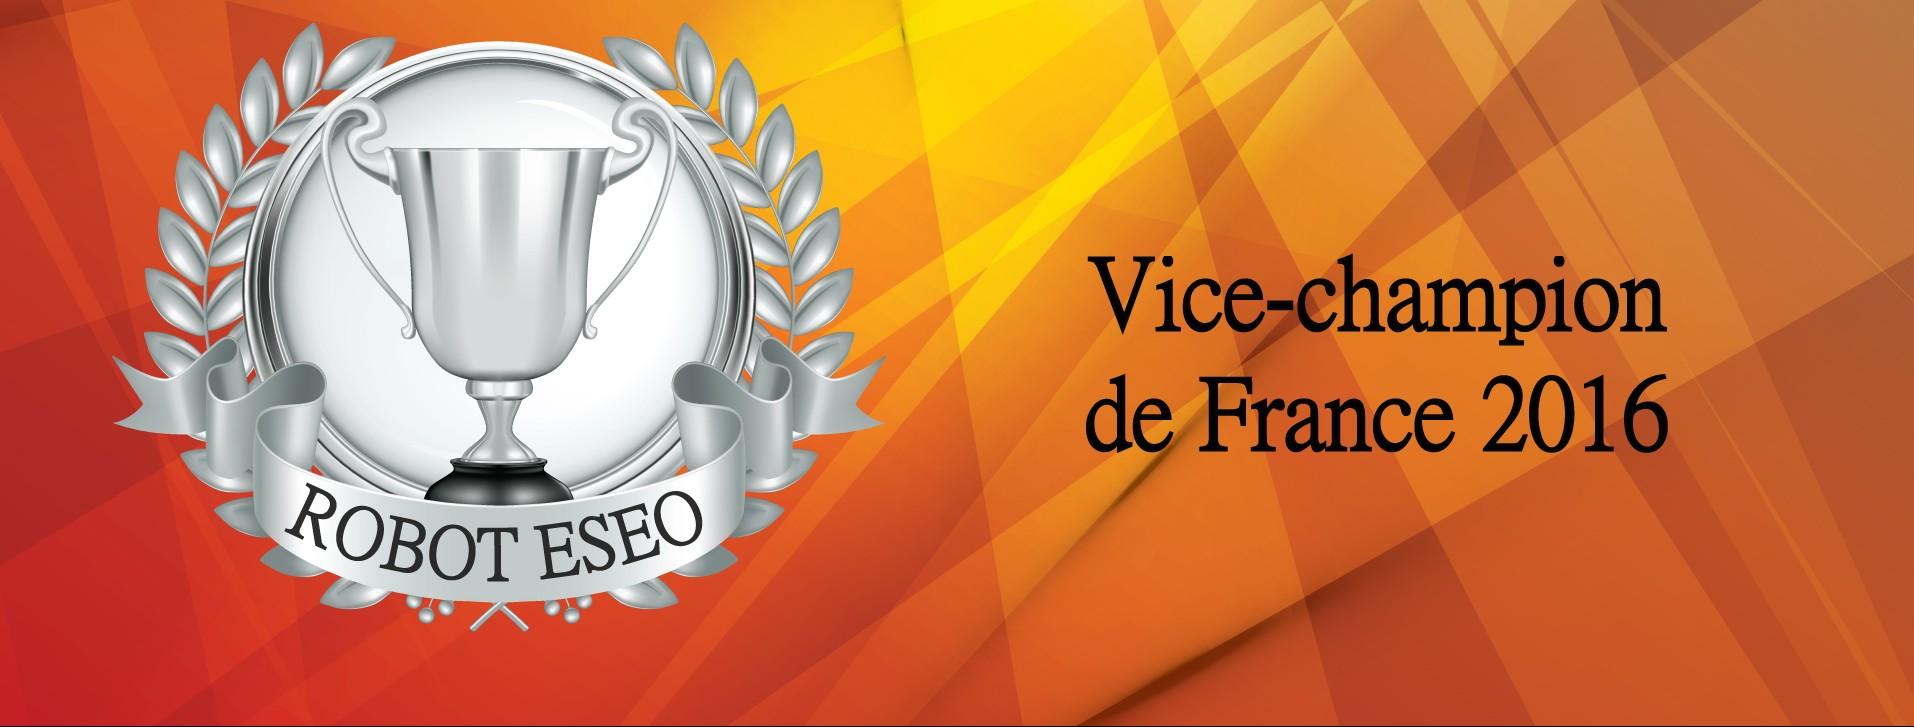 Vice-Champion de France 2016